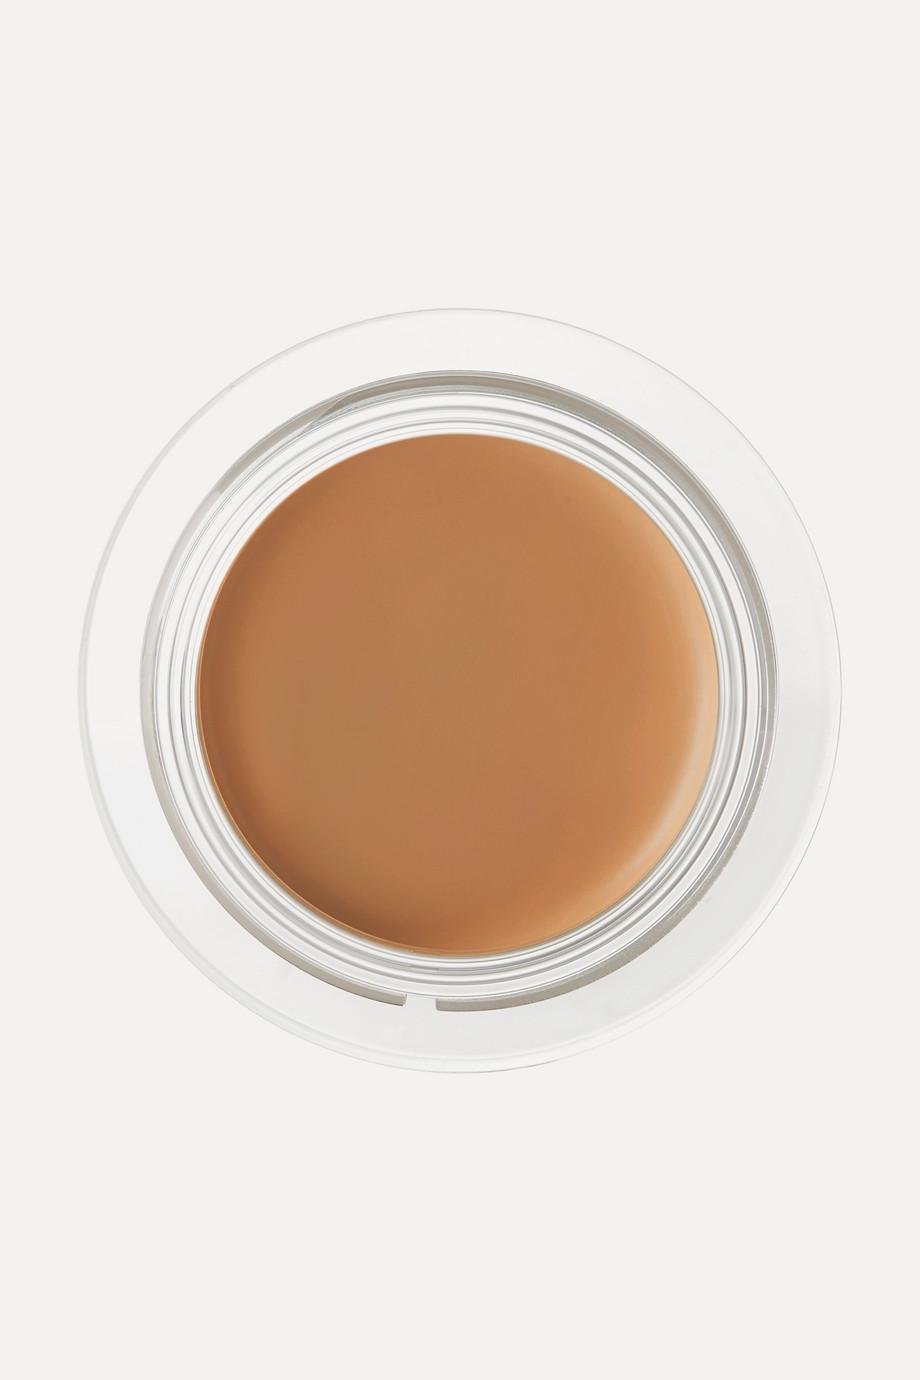 NARS Soft Matte Complete Concealer – Caramel – Concealer